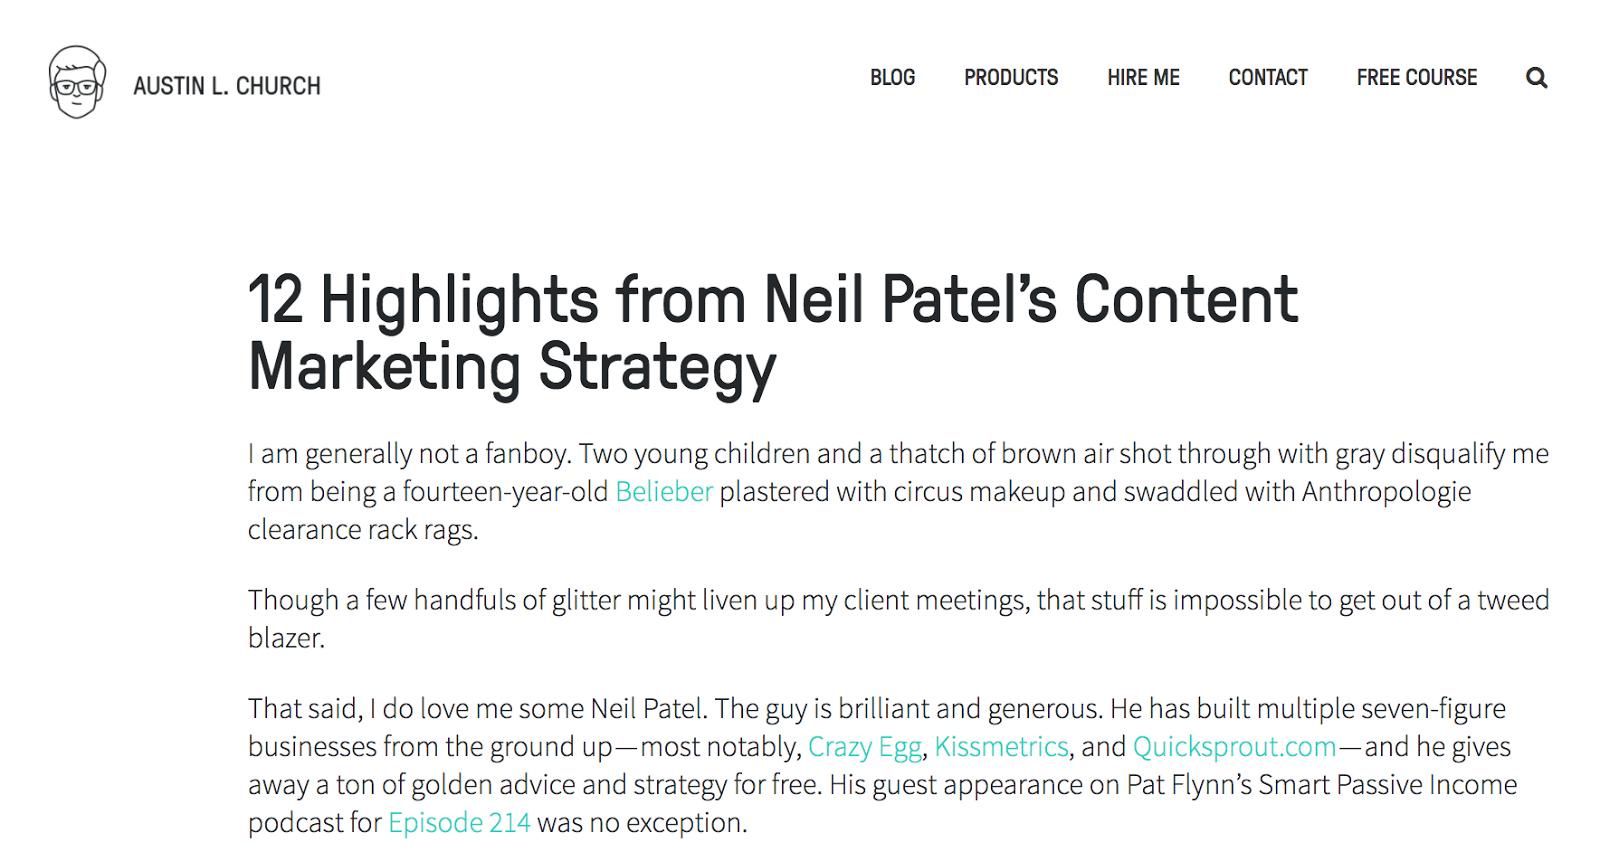 12 основных моментов стратегии контент-маркетинга Нила Пателя